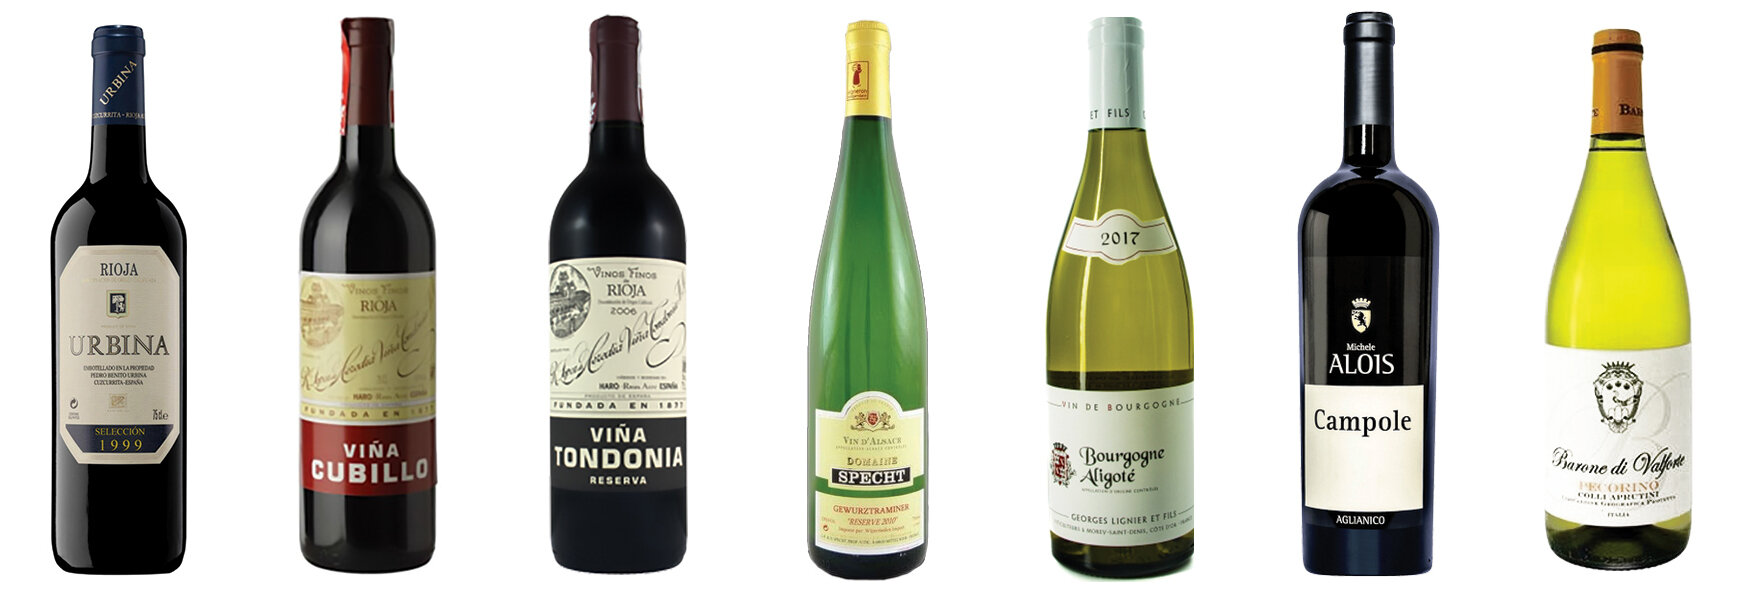 pnp bottles.jpg